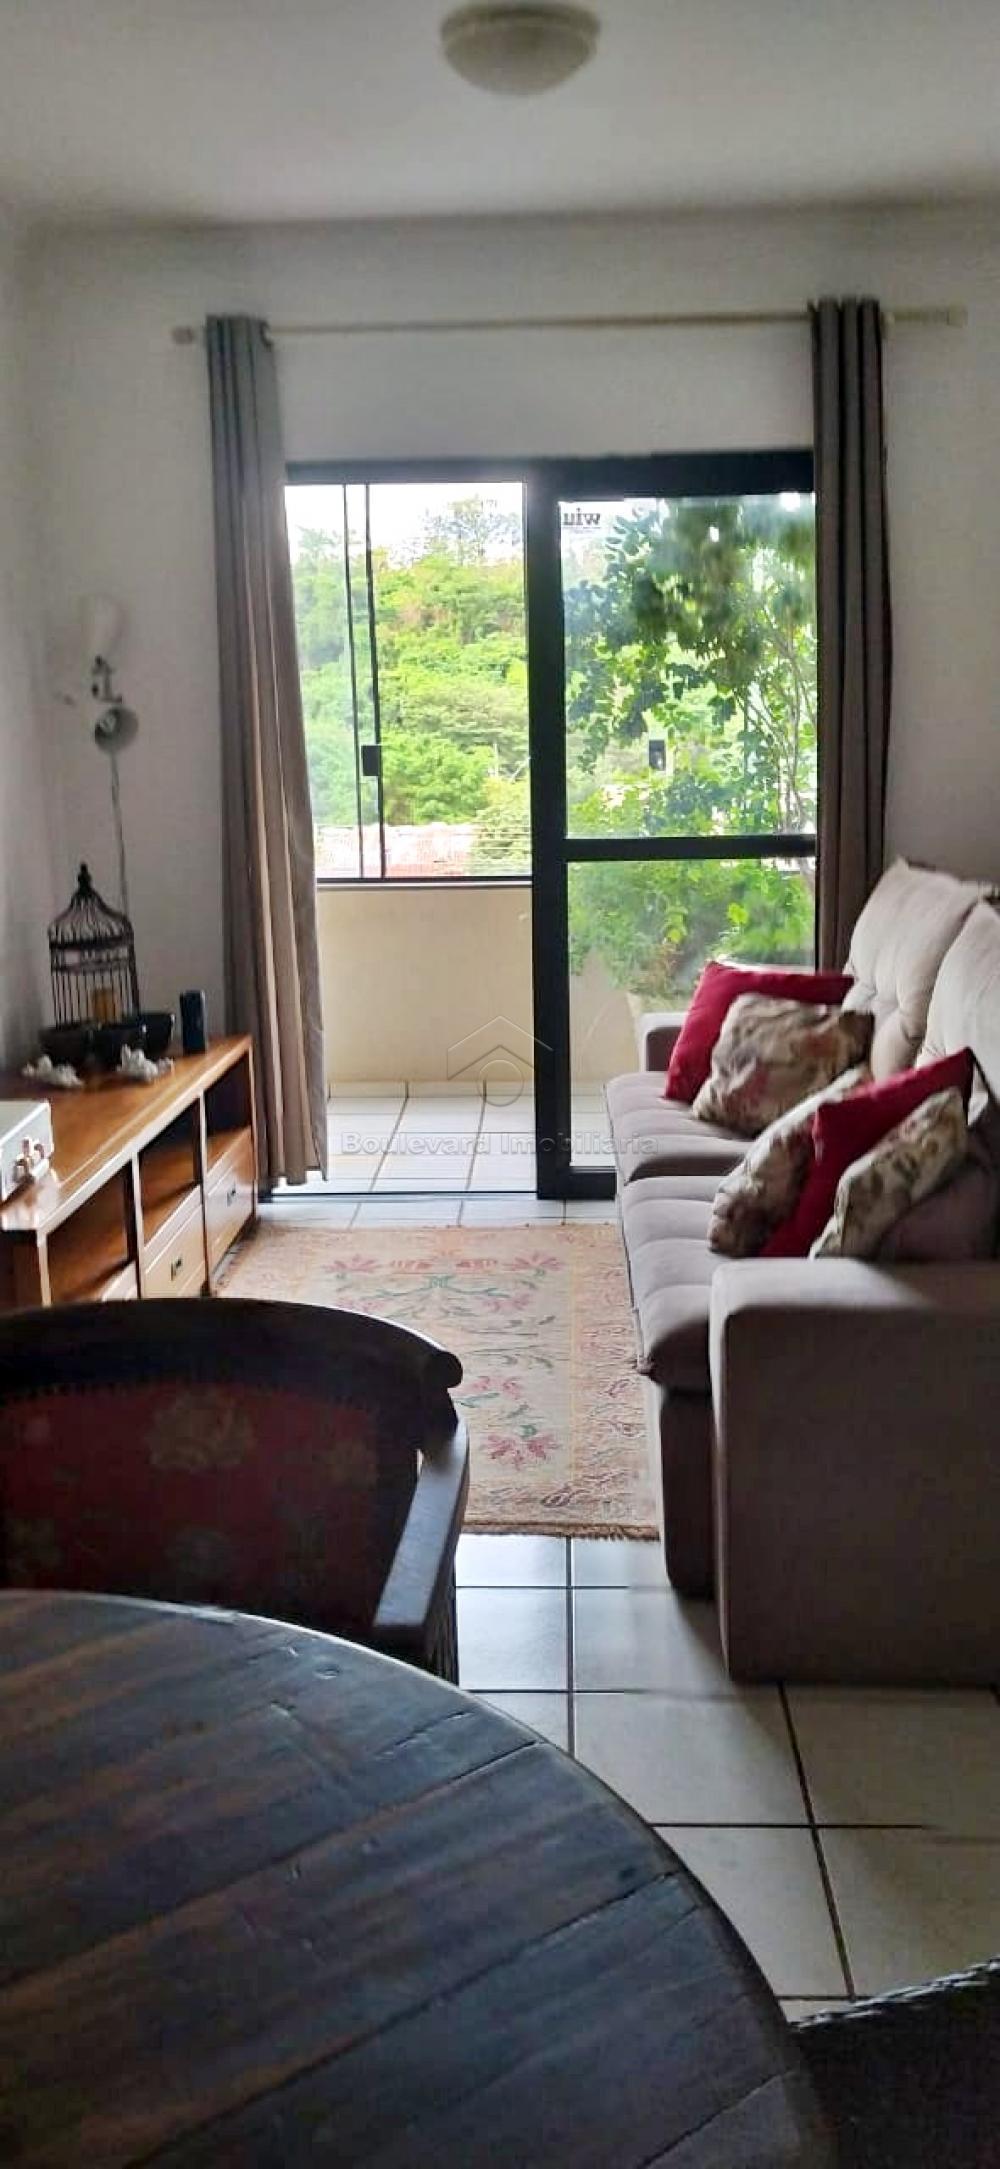 Comprar Apartamento / Padrão em Ribeirão Preto R$ 280.000,00 - Foto 1